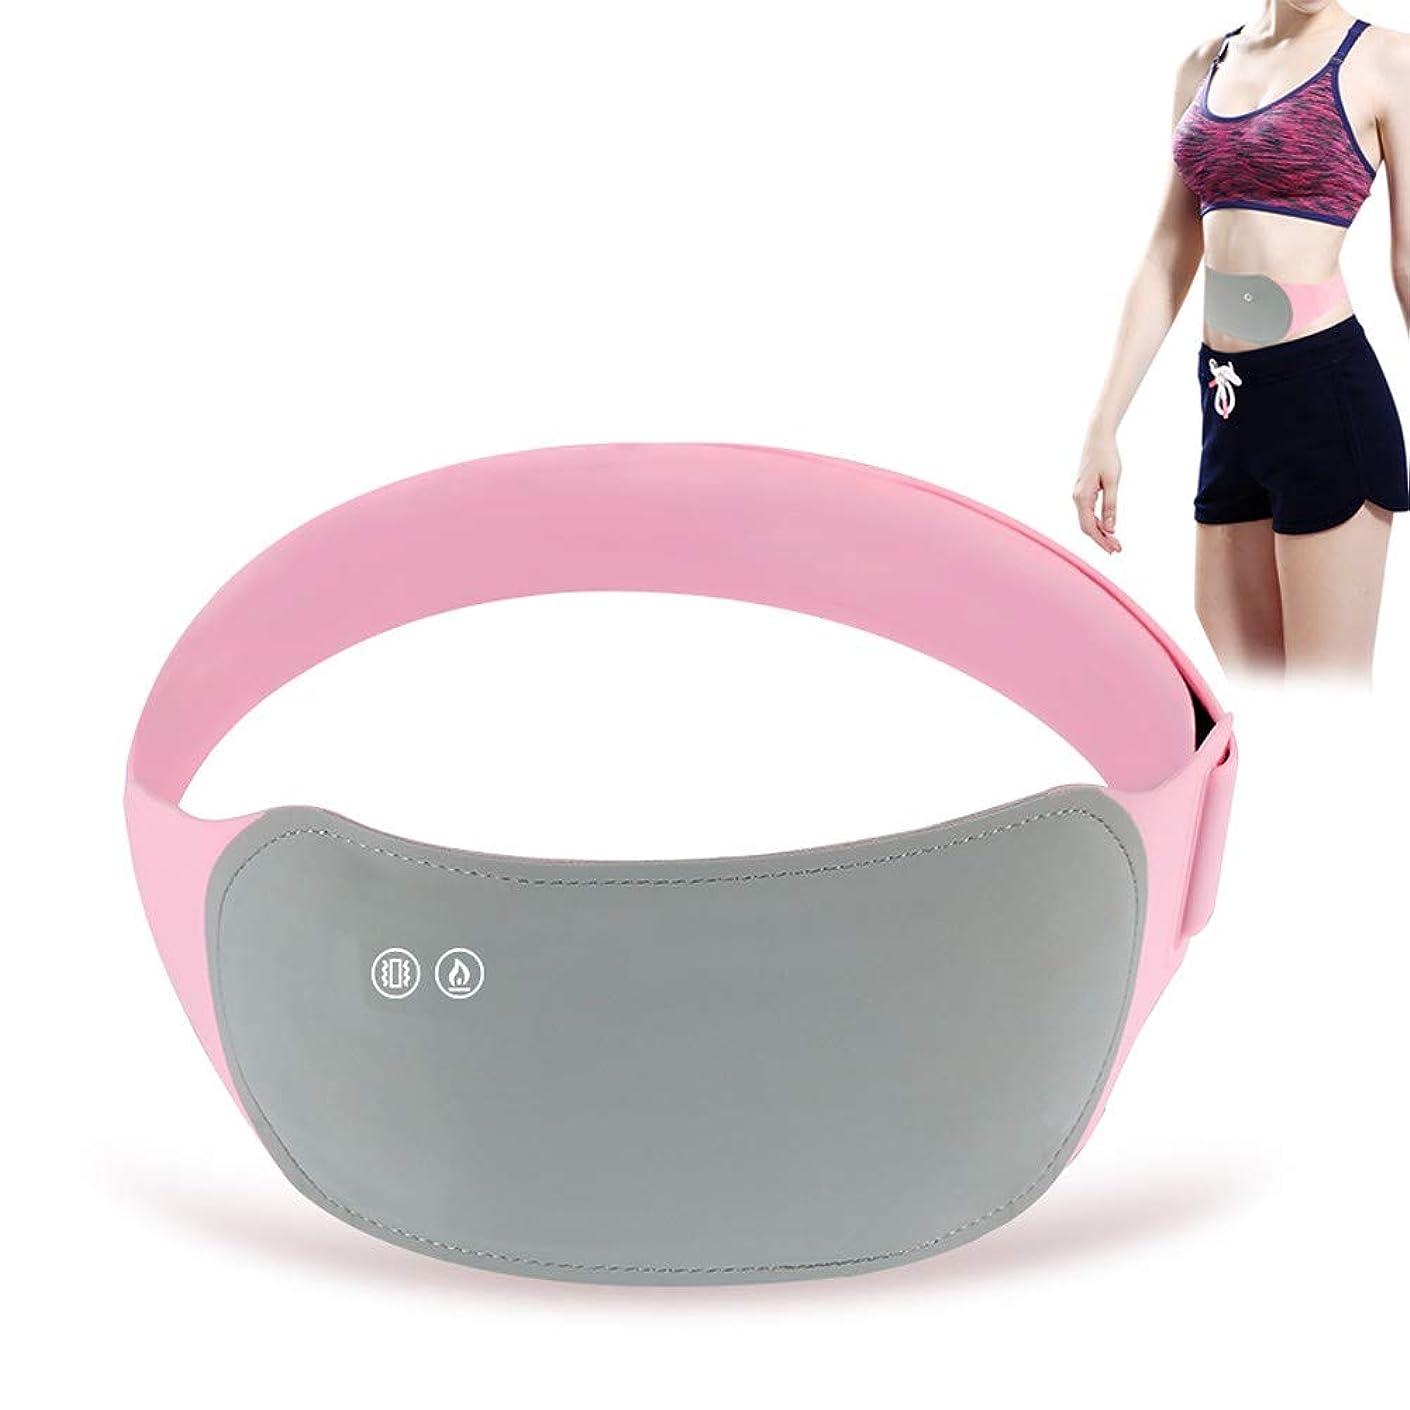 嘆く空港容器減量ベルト減量機調節可能な振動マッサージ穏やかな熱い腹脂肪バーナーで女性のための消化/背中/腰/腕/脚/太もも/肩を促進しますGrey